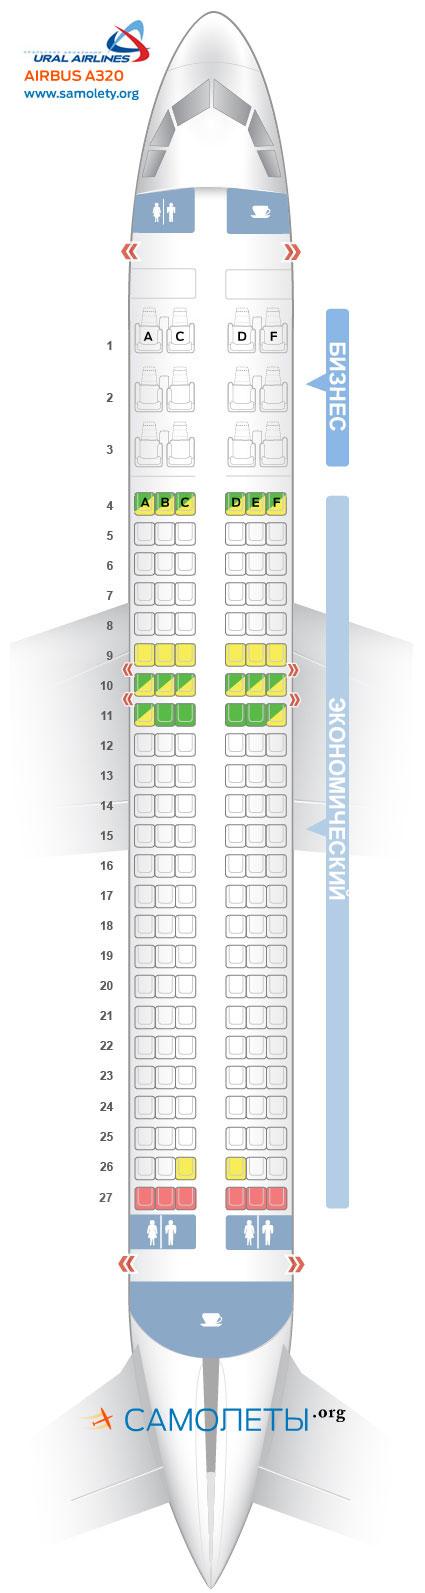 Аэробус a320 уральские авиалинии схема салона и лучшие места.